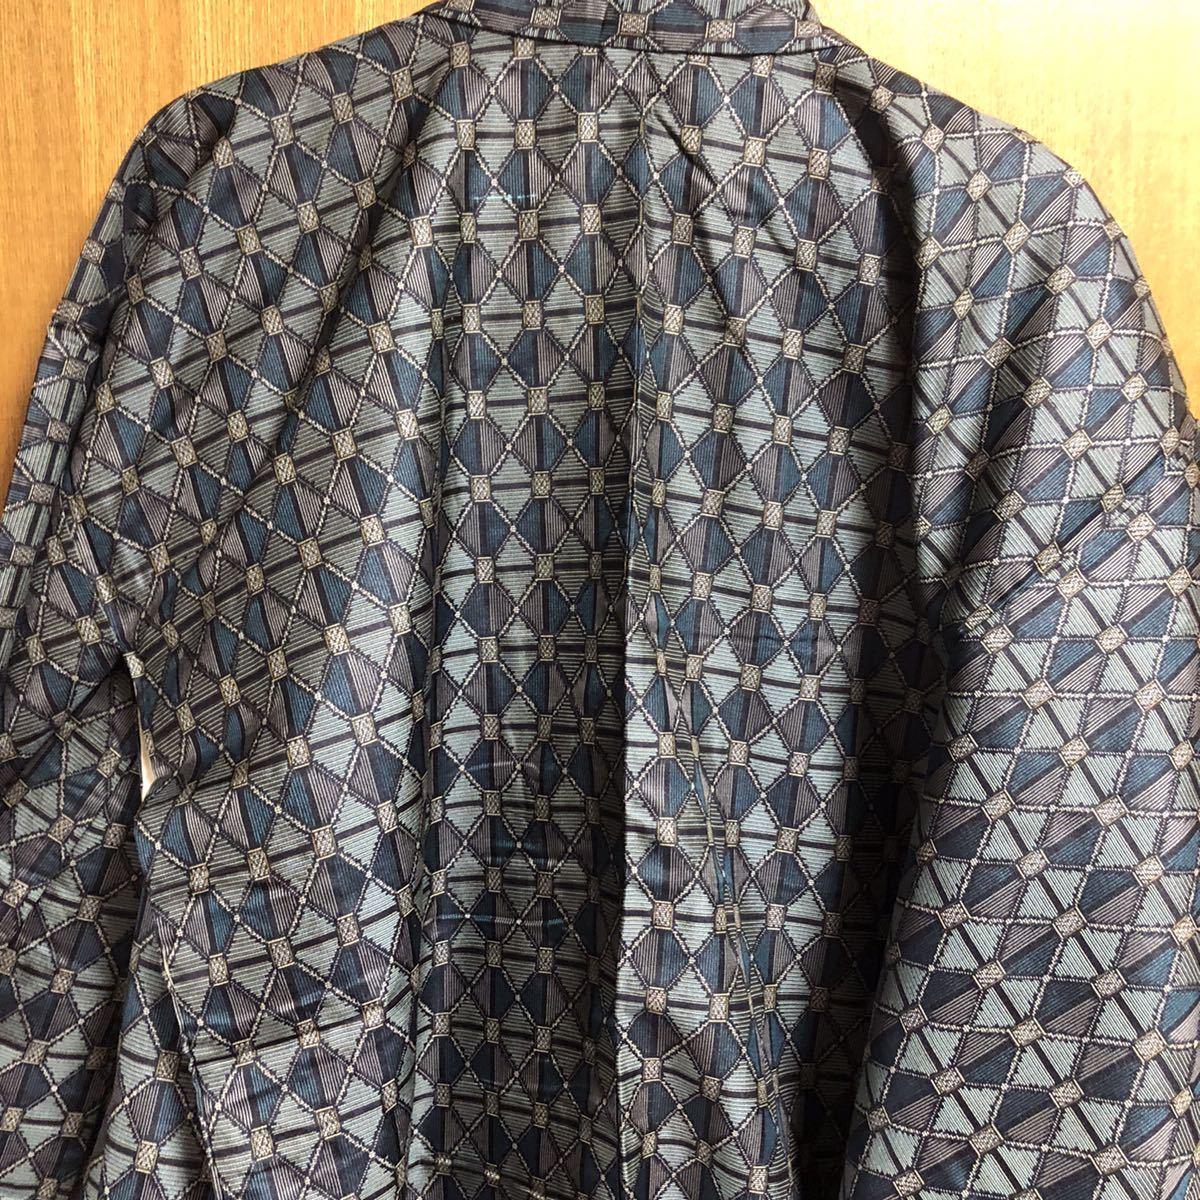 着物 正絹 和装 総柄 光沢 グレー 灰色 訪問着 着物リメイク